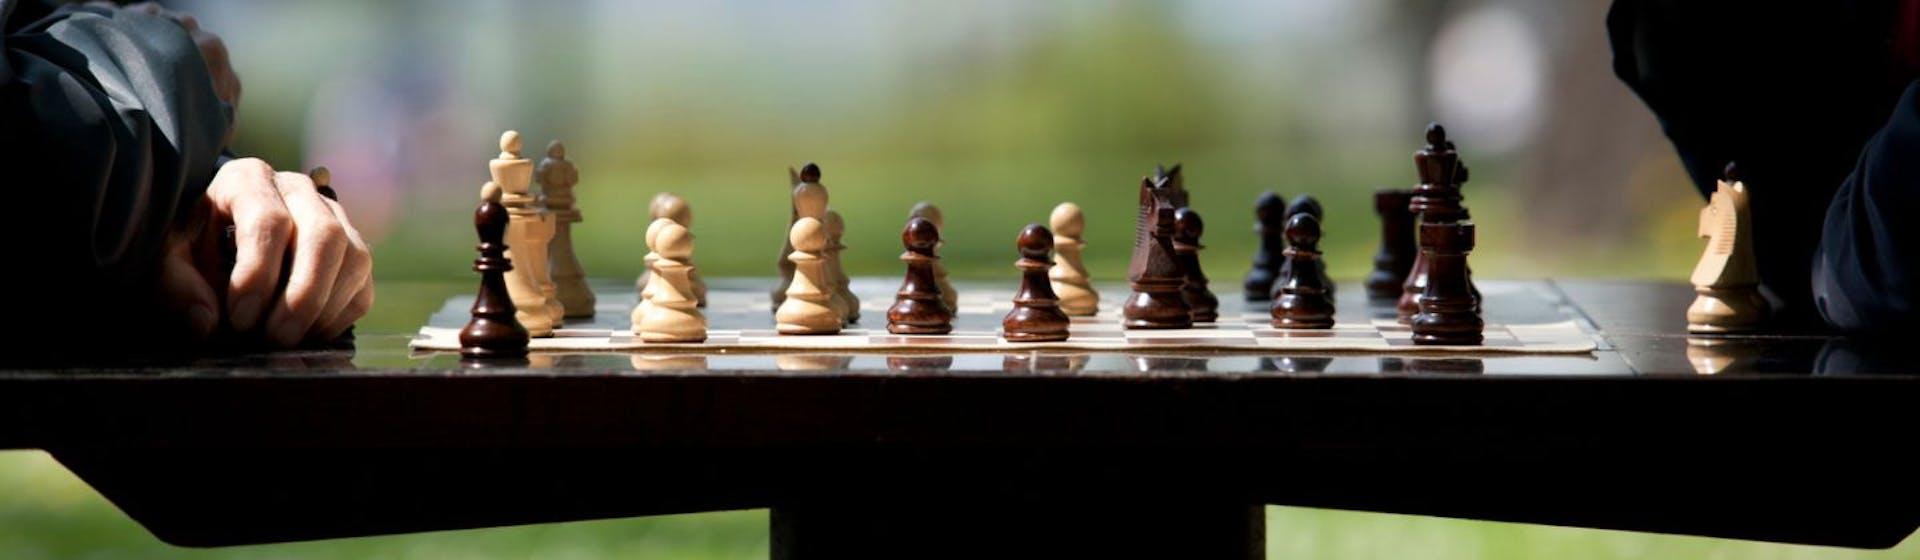 ¿Cuáles son las reglas del ajedrez? La guía definitiva para principiantes y competidores